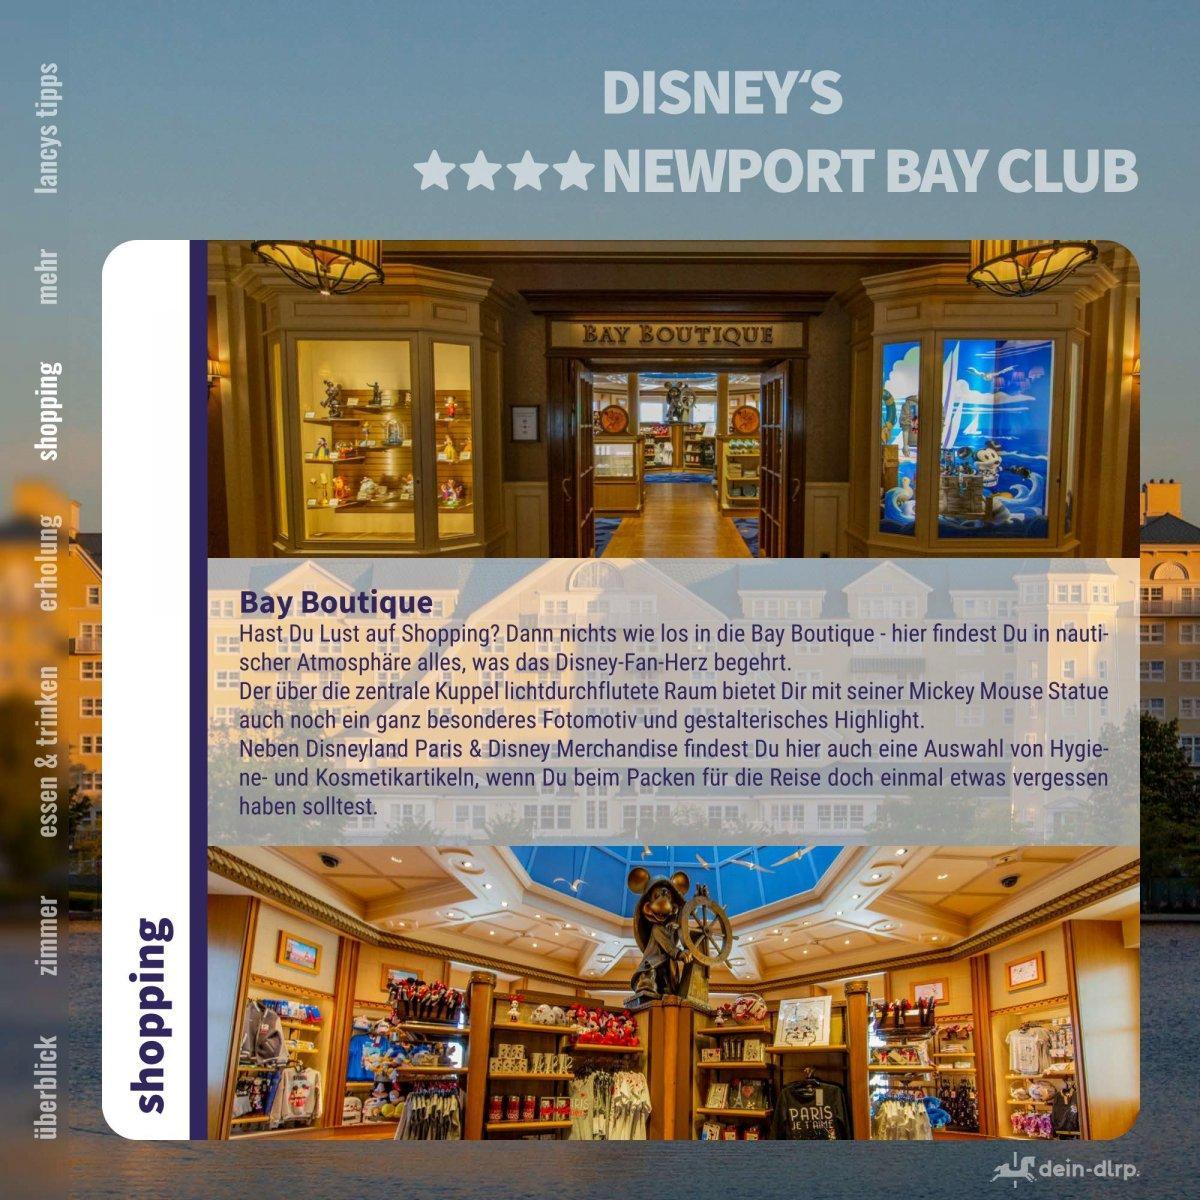 disneys-newport-bay-club-hotel-fuehrer_06.jpg